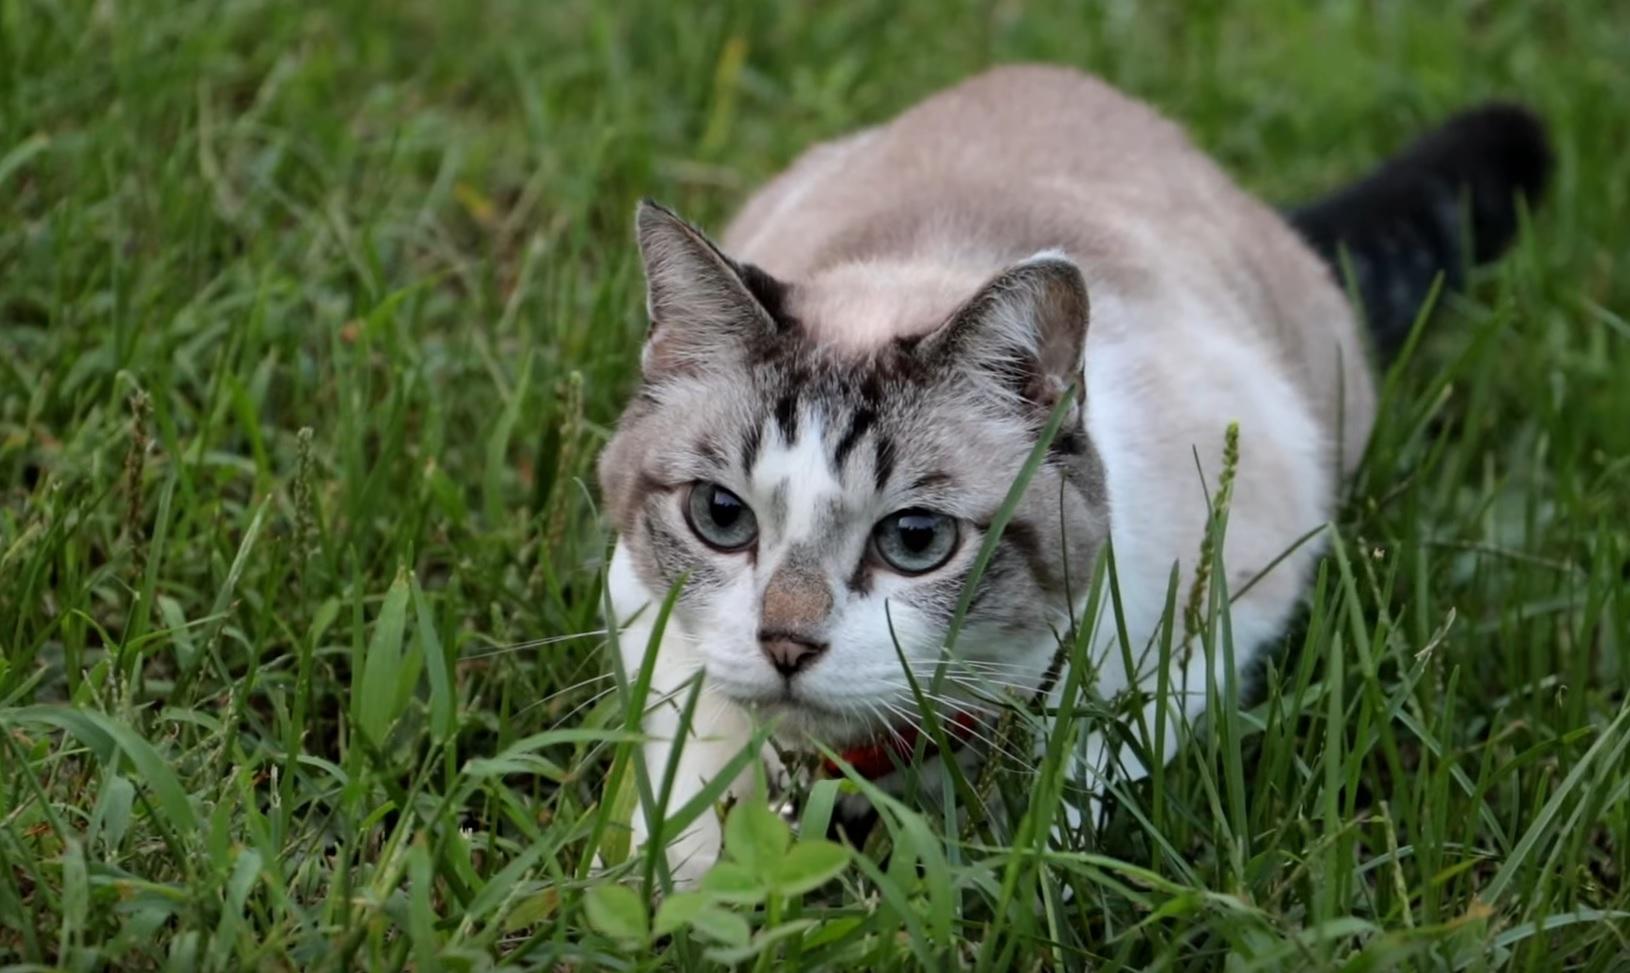 Cute Cat Outside